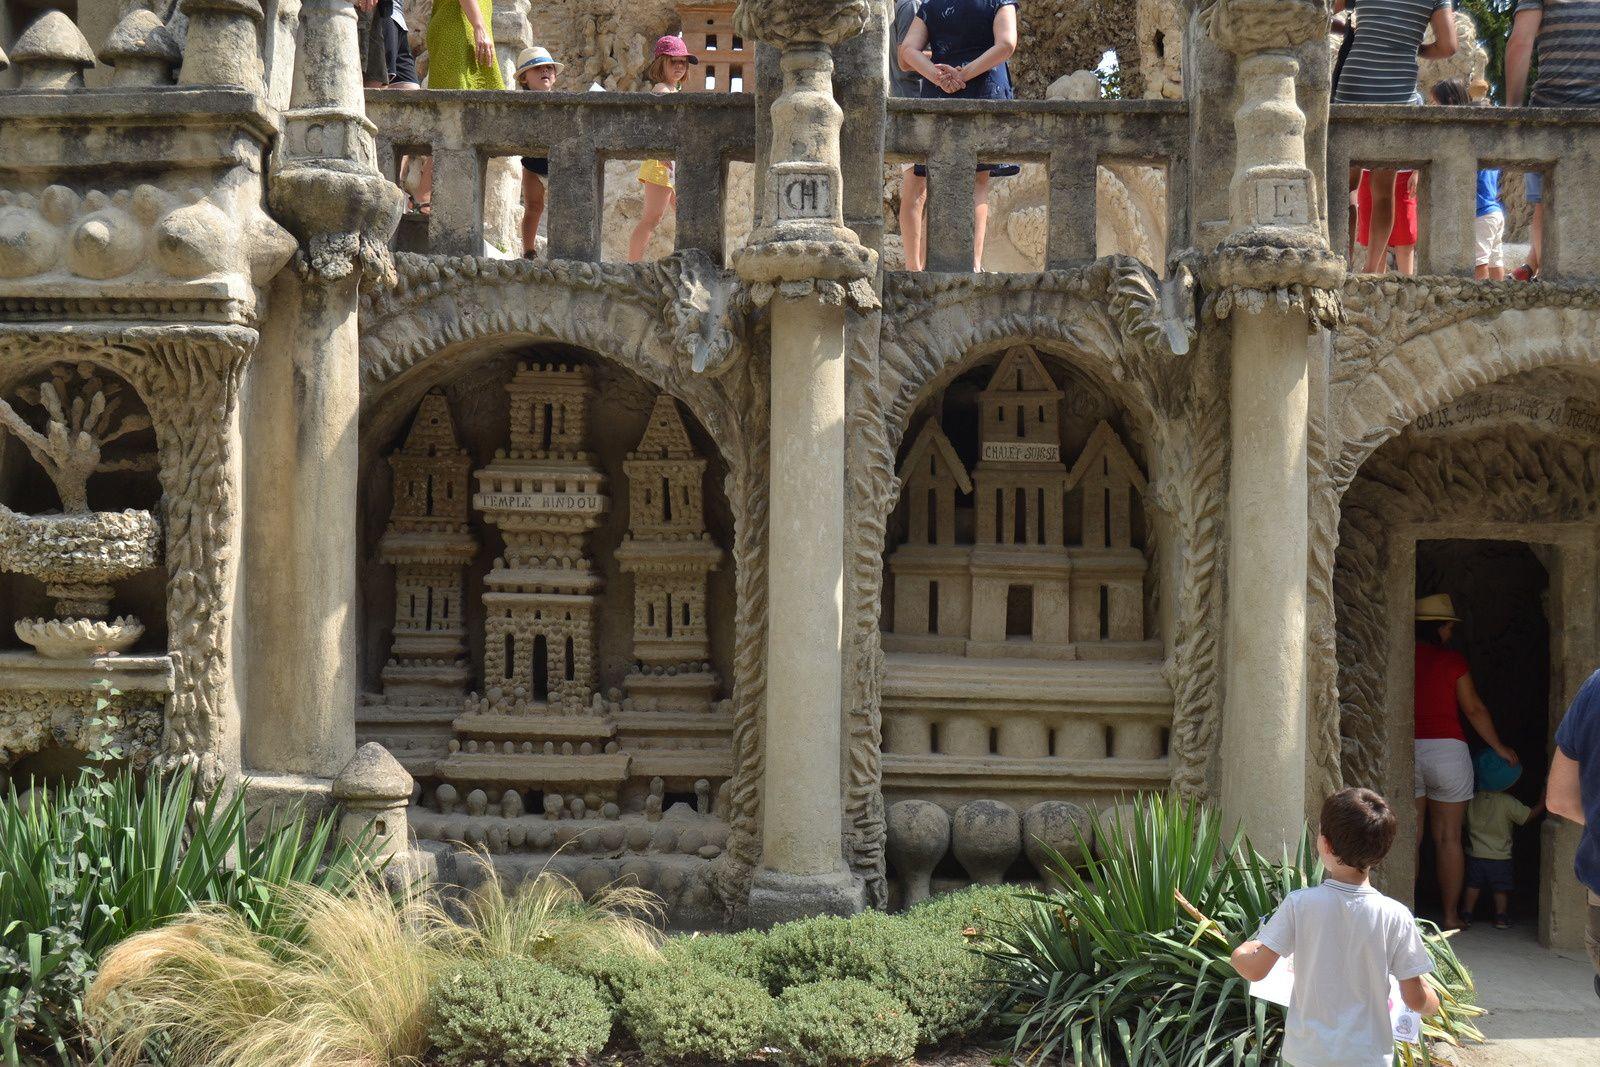 L'oeuvre du Facteur Cheval est un condensé du monde tel qu'il le perçoit. Ferdinand construit un Temple Hindou, un Chalet Suisse, la Maison Carrée d'Alger un Château du Moyen-Age, et une Mosquée qui domine l'ensemble.